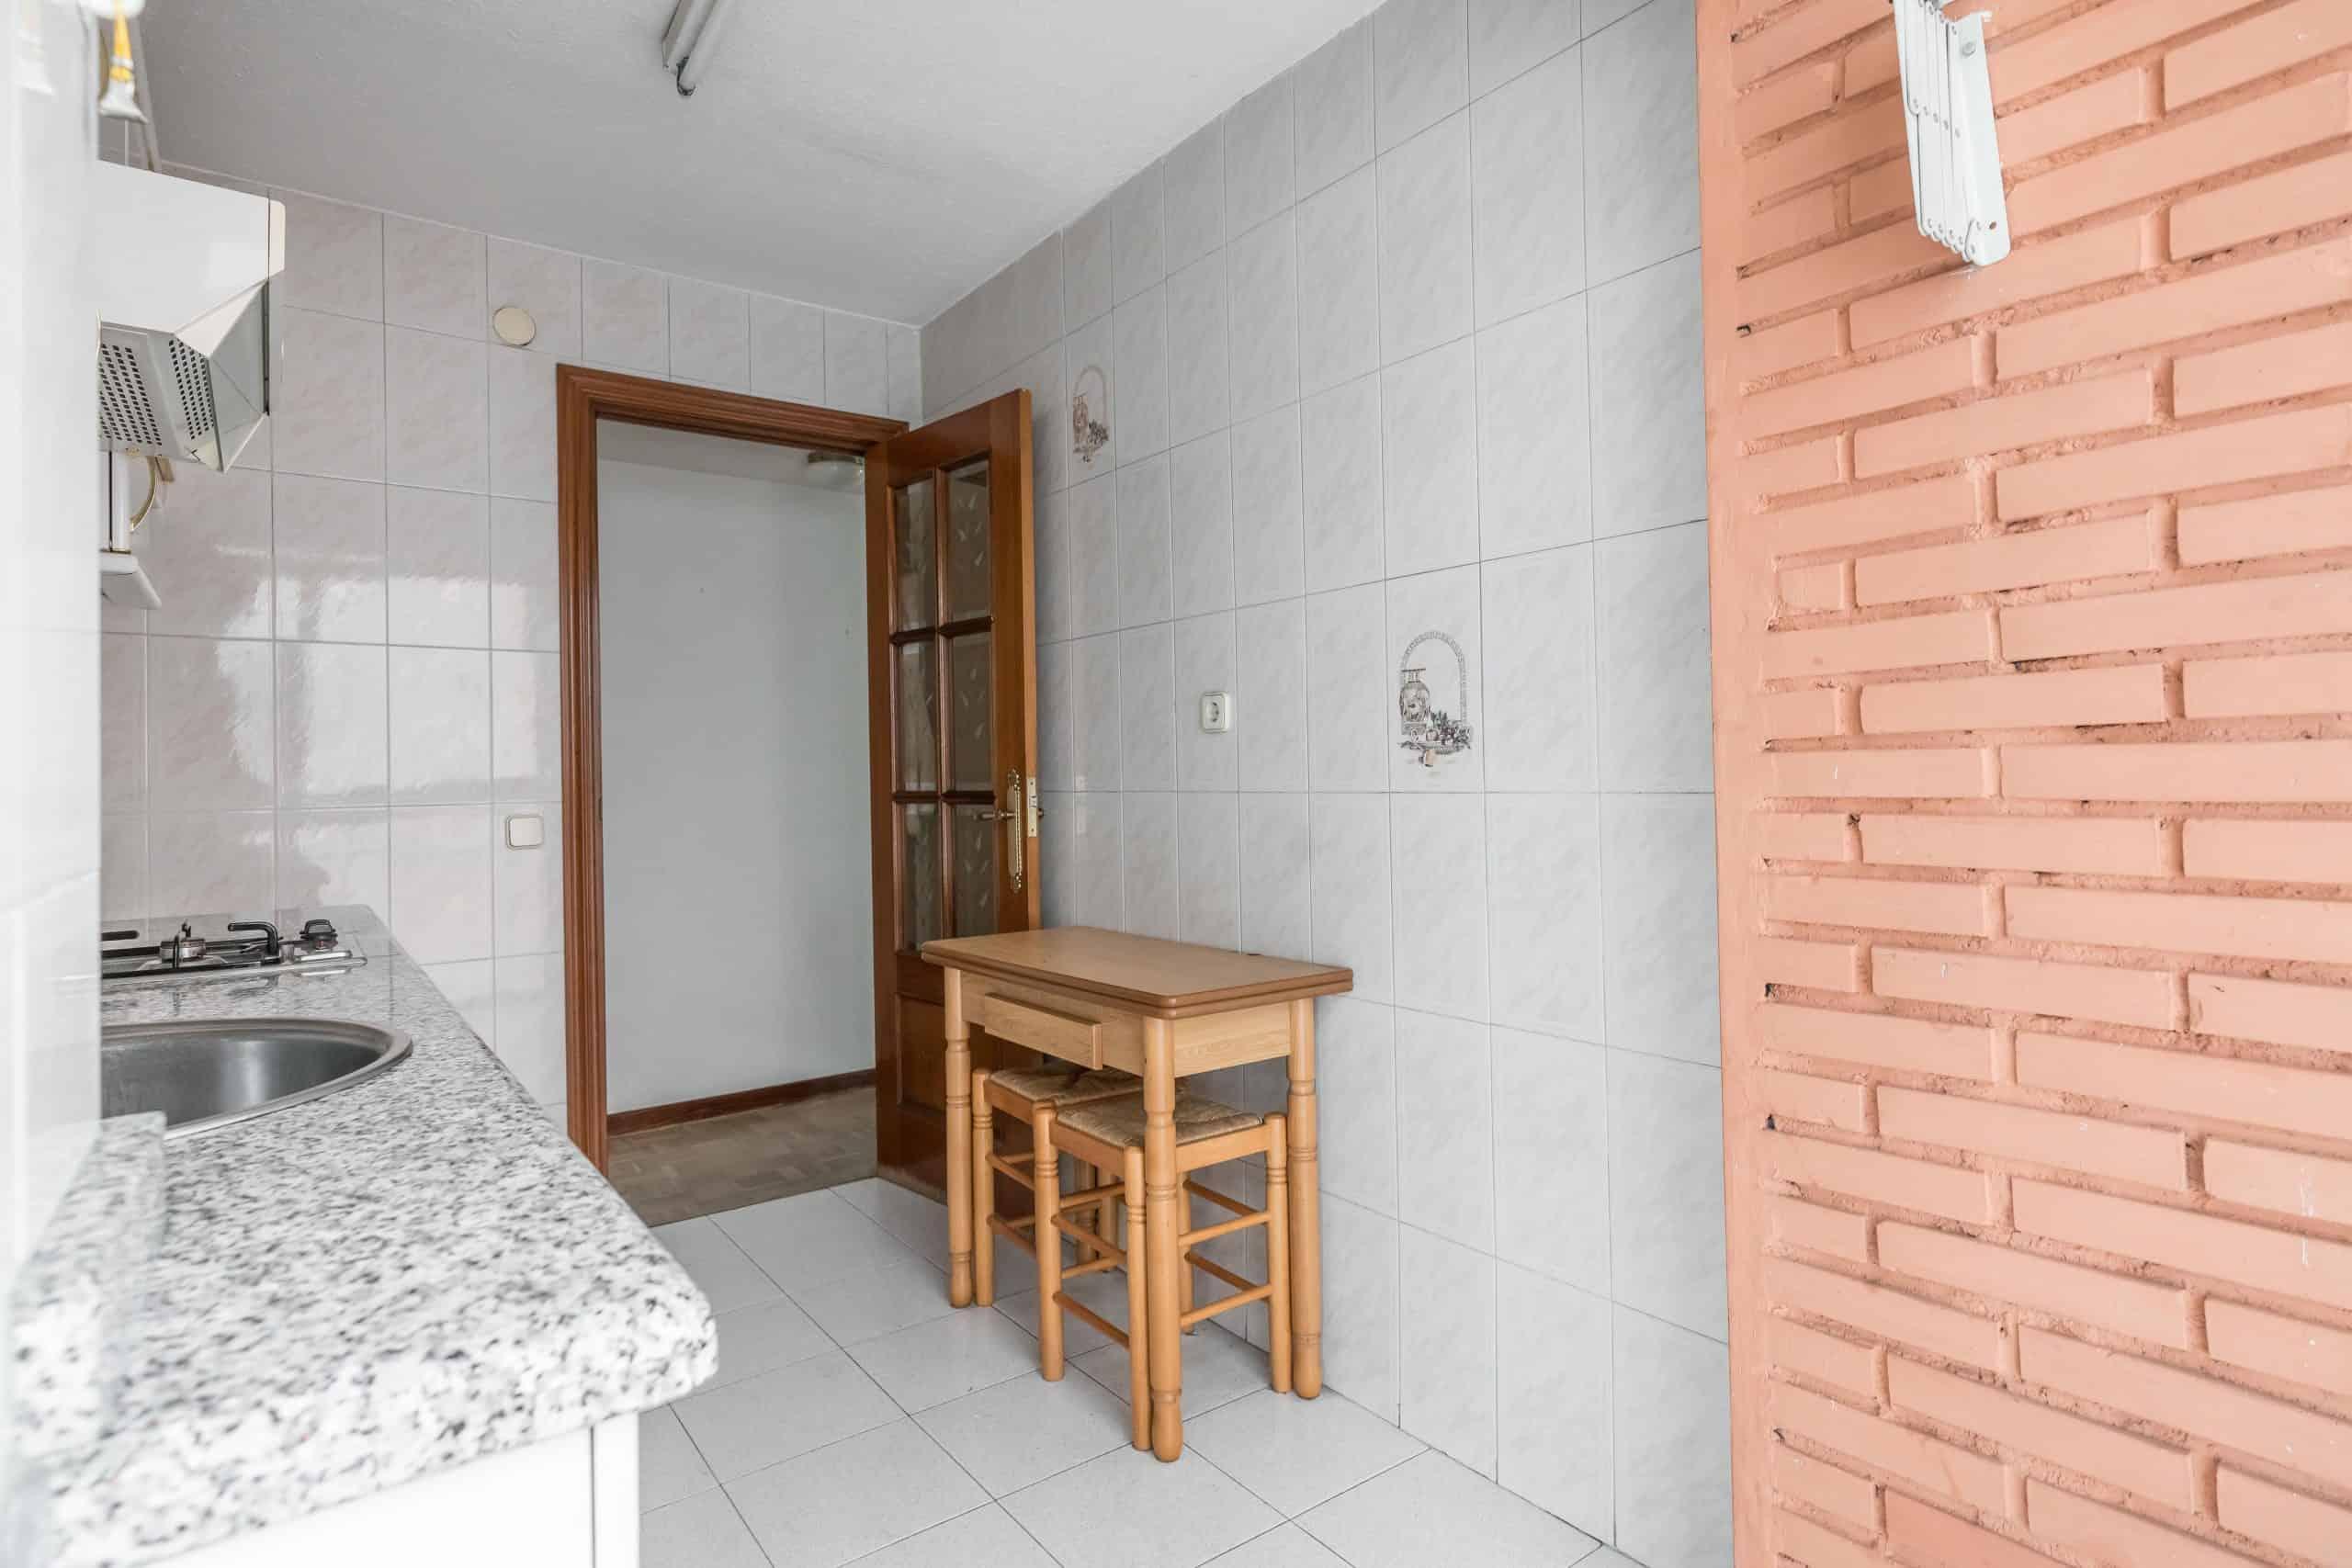 Agencia Inmobiliaria de Madrid-FUTUROCASA-Zona ARGANZUELA-LEGAZPI -calle Jaime Conquistador 48- Cocina 6